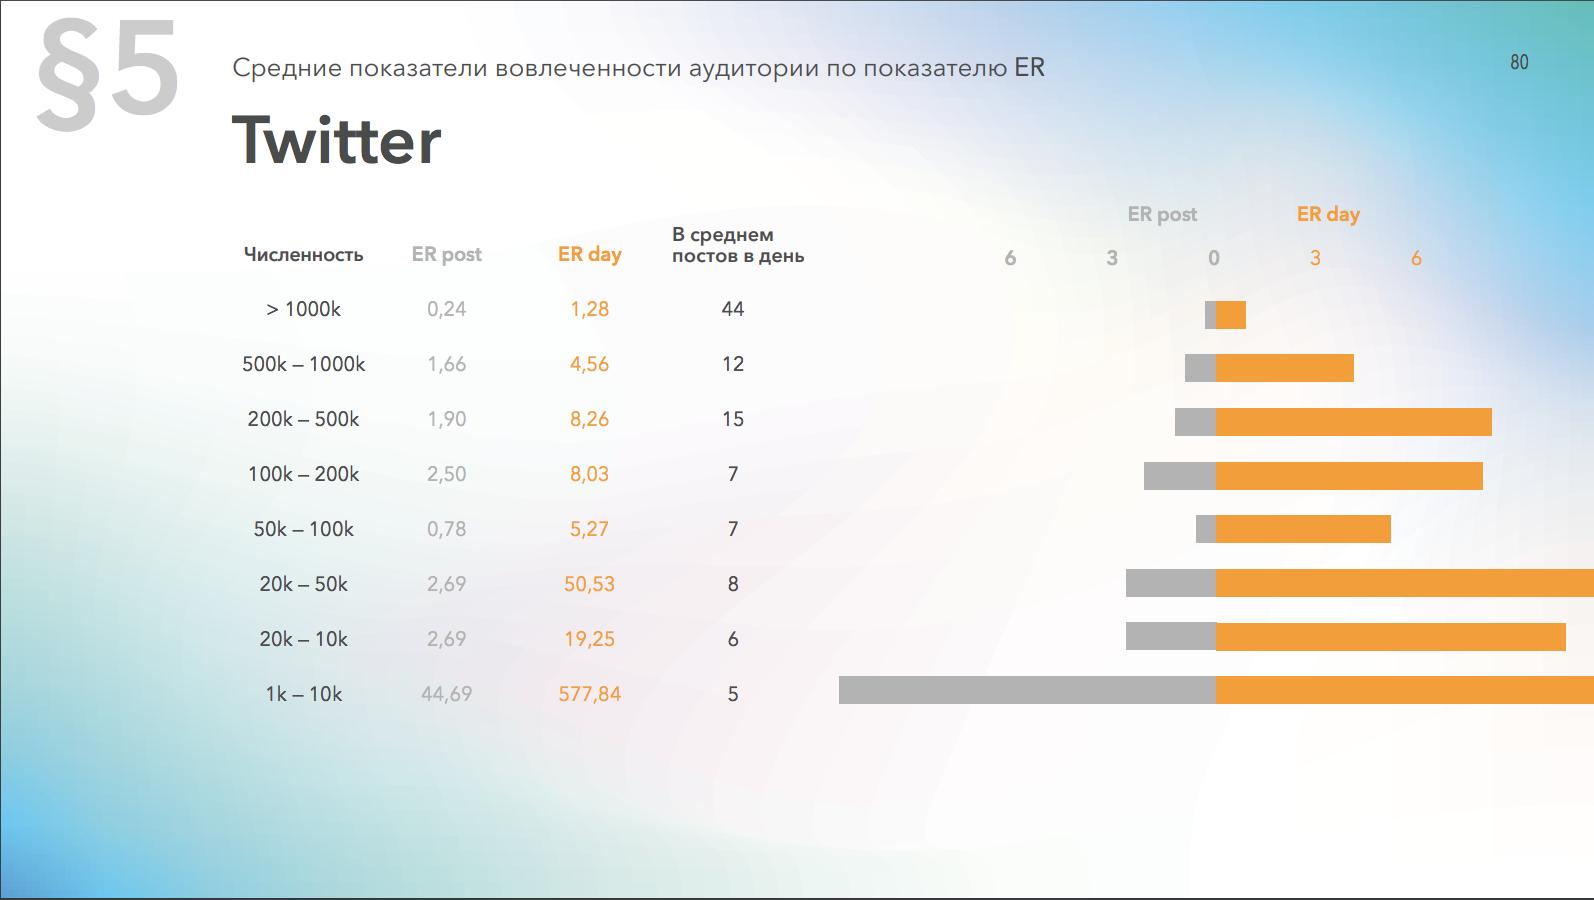 Средний уровень вовлеченности страниц в Twitter в зависимости от количества подписчиков